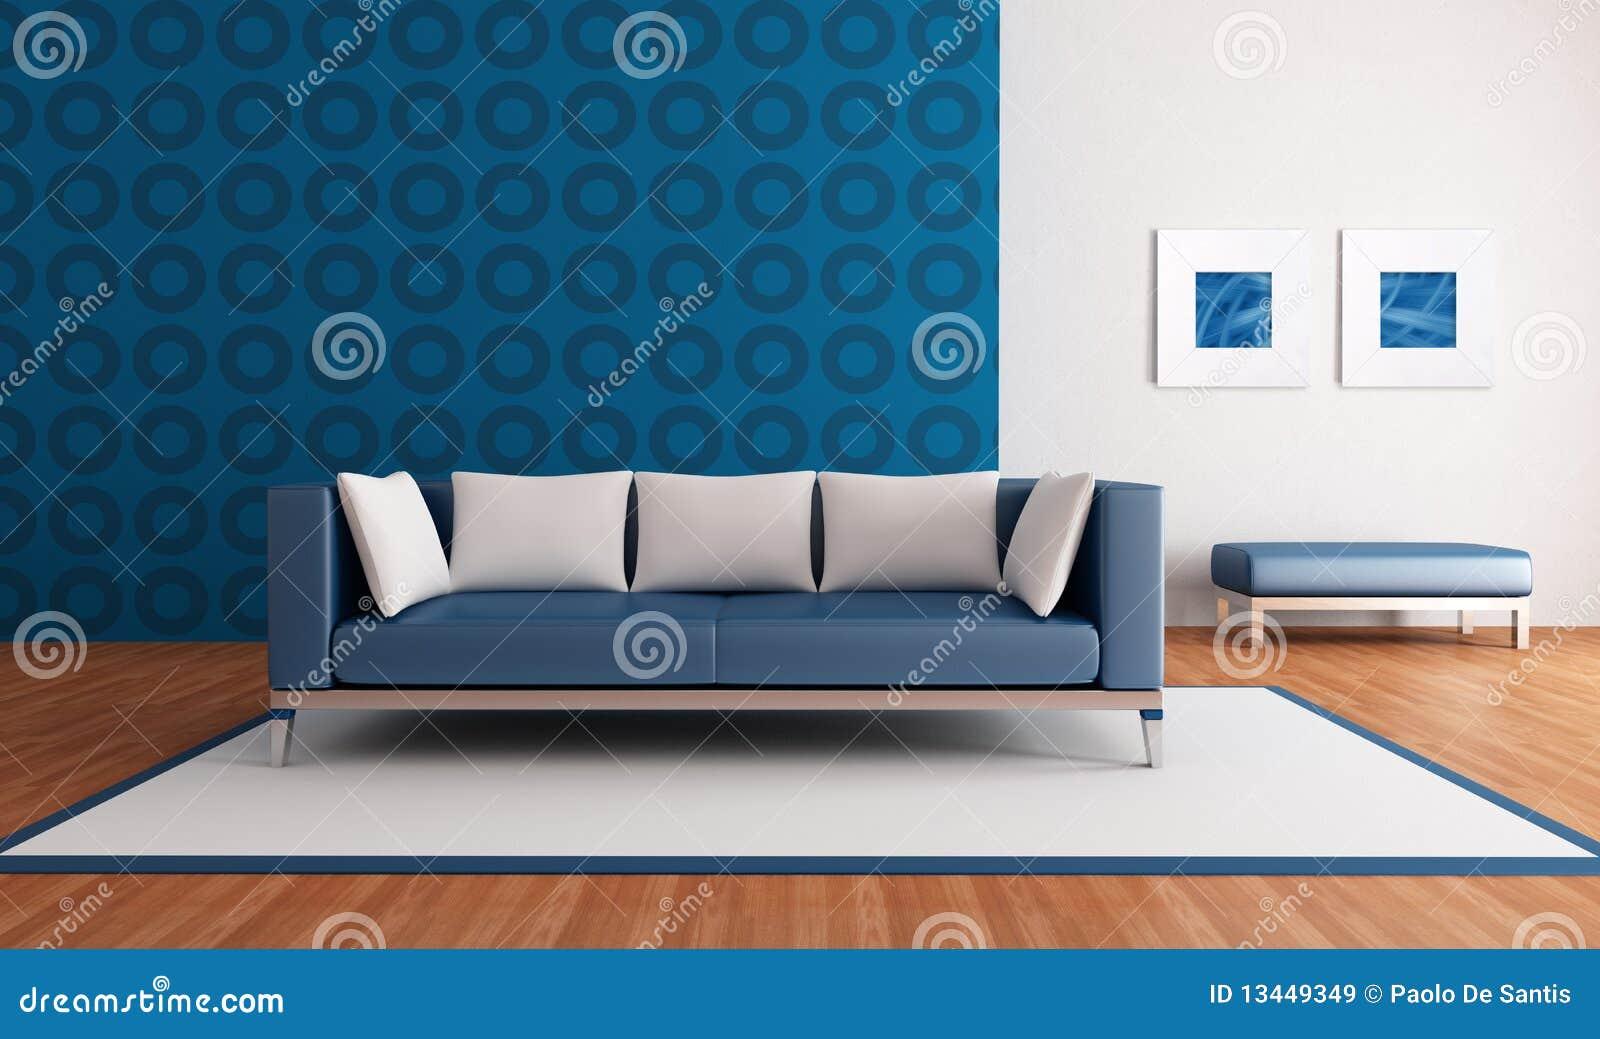 Salotto Blu Moderno Immagini Stock Libere da Diritti ...